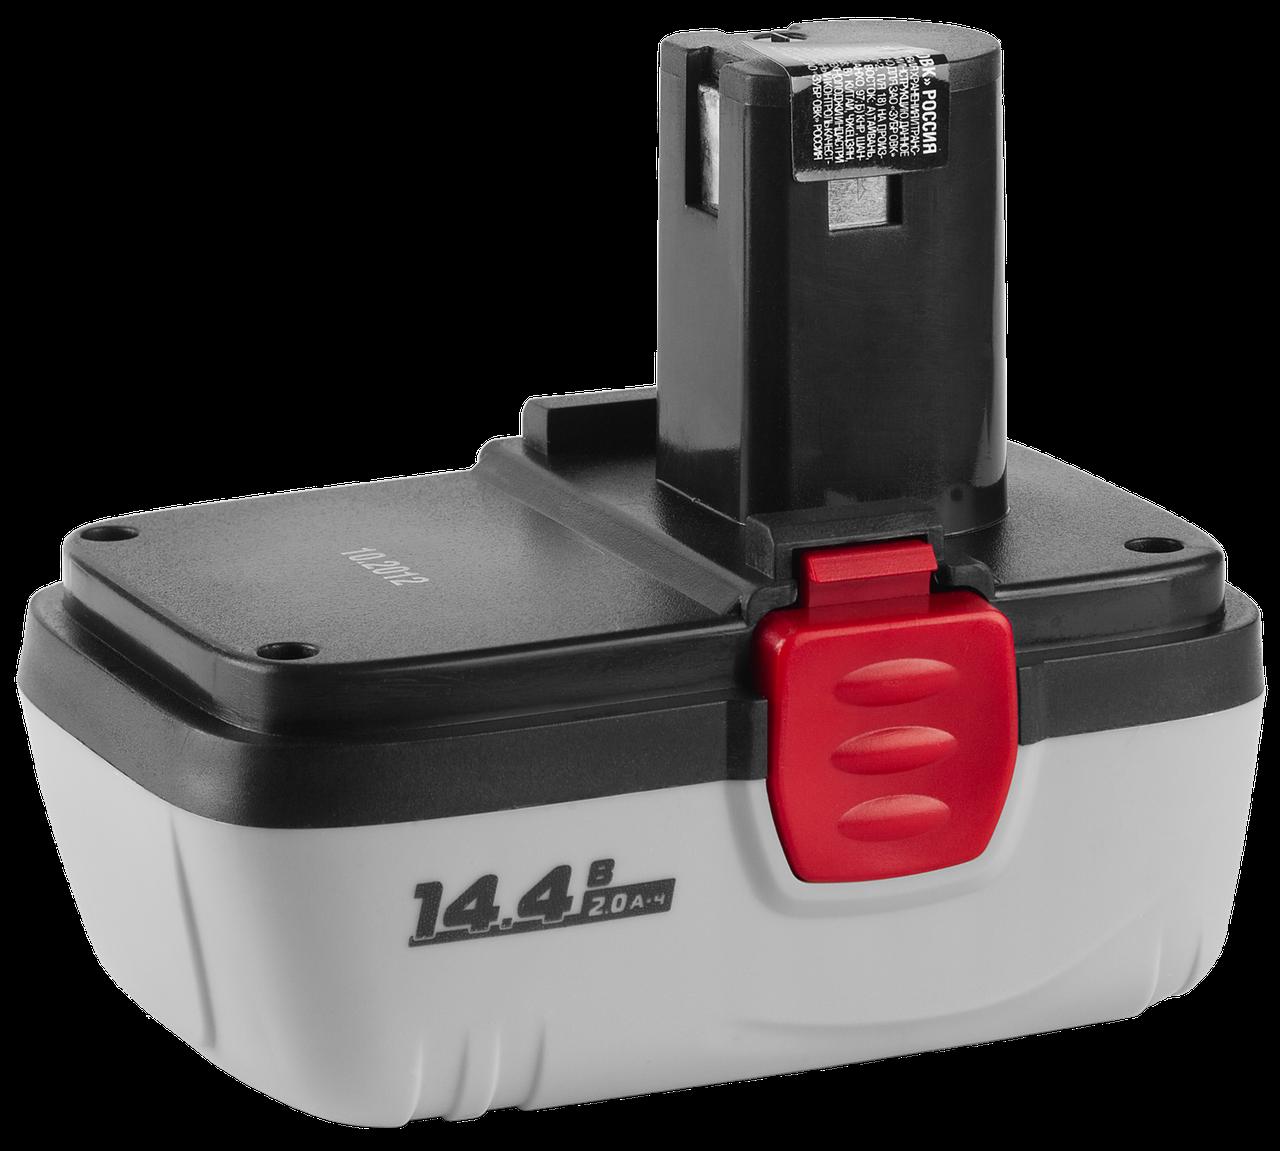 Аккумуляторная батарея увеличенной емкости 14.4 В, Ni-Cd, 2.0 Ач, ЗУБР